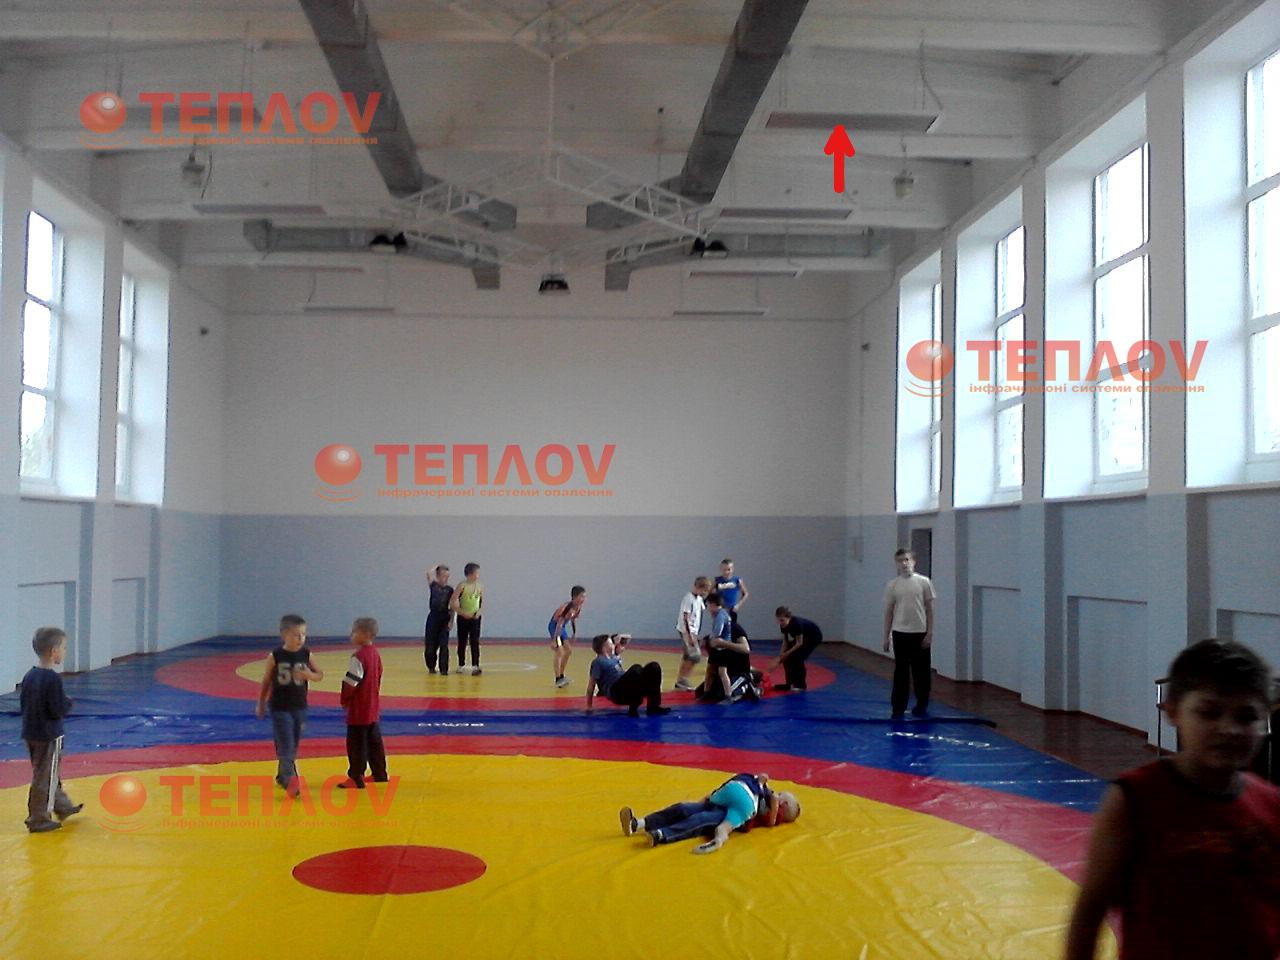 отопление спортзала ДК Текстильщик инфракрасными обогревателями